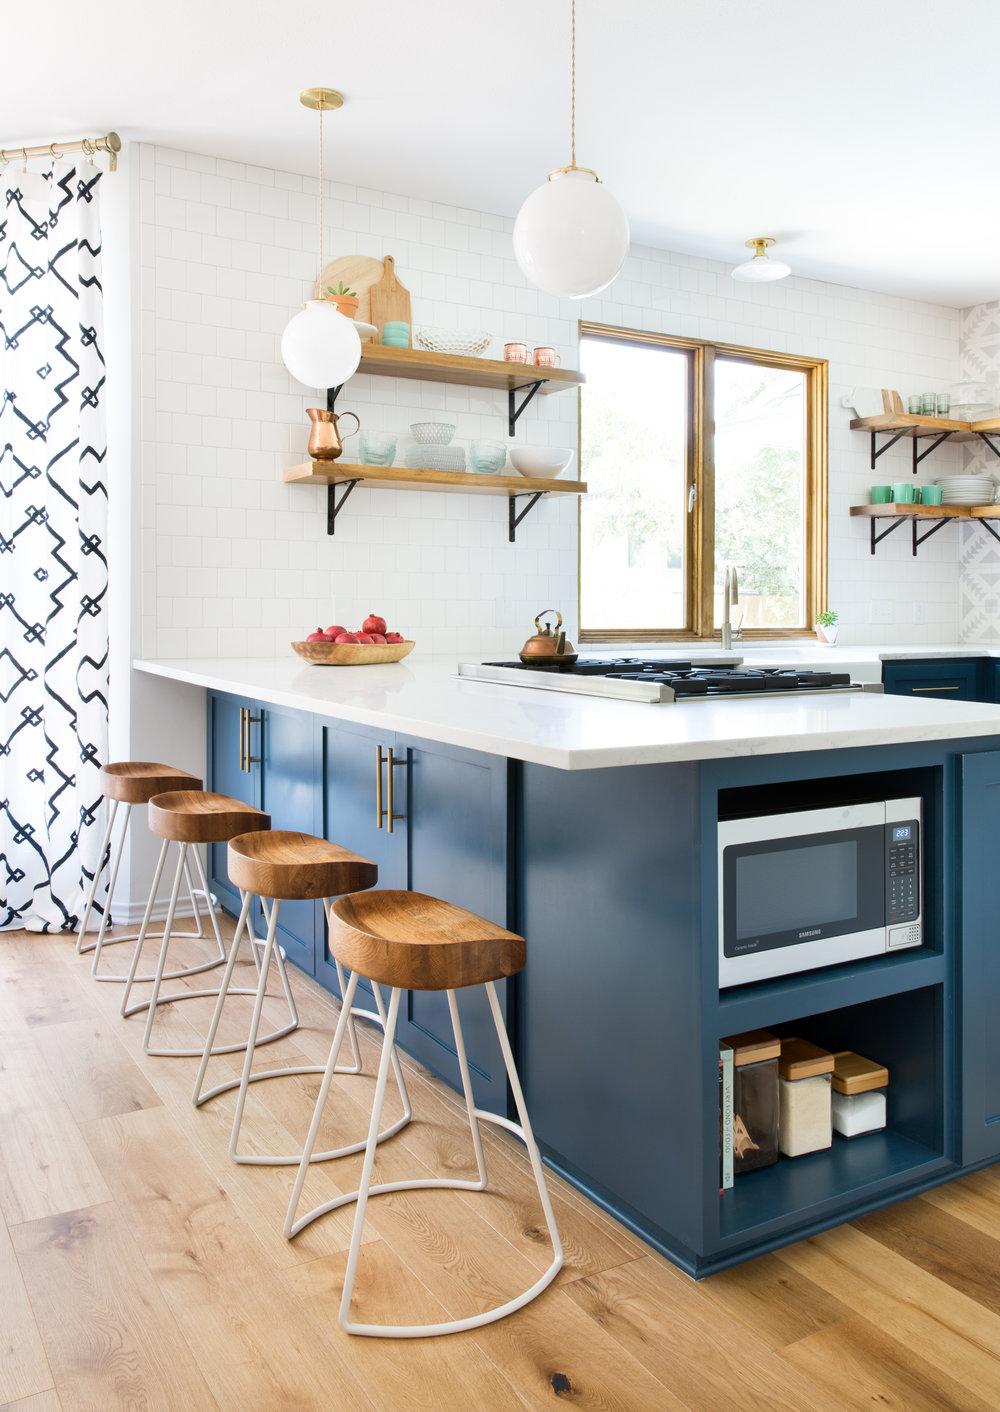 HGTV Kitchen Shannon Eddings 2.jpg